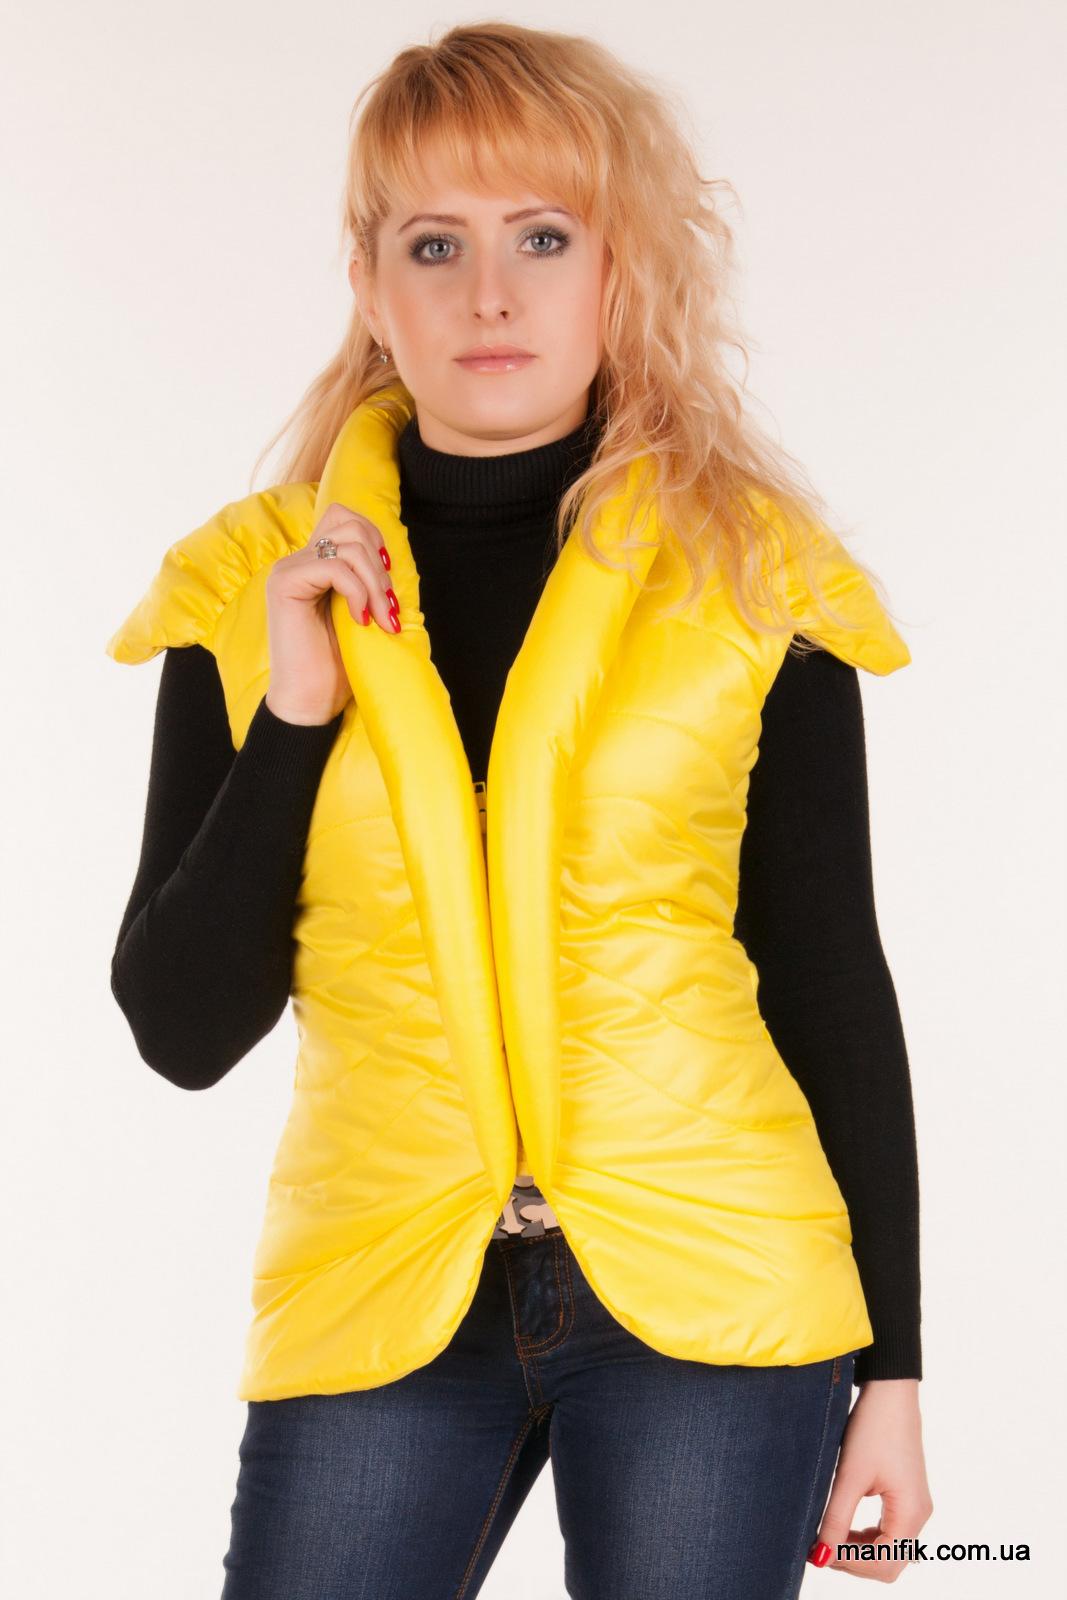 Как сделать жилет из куртки